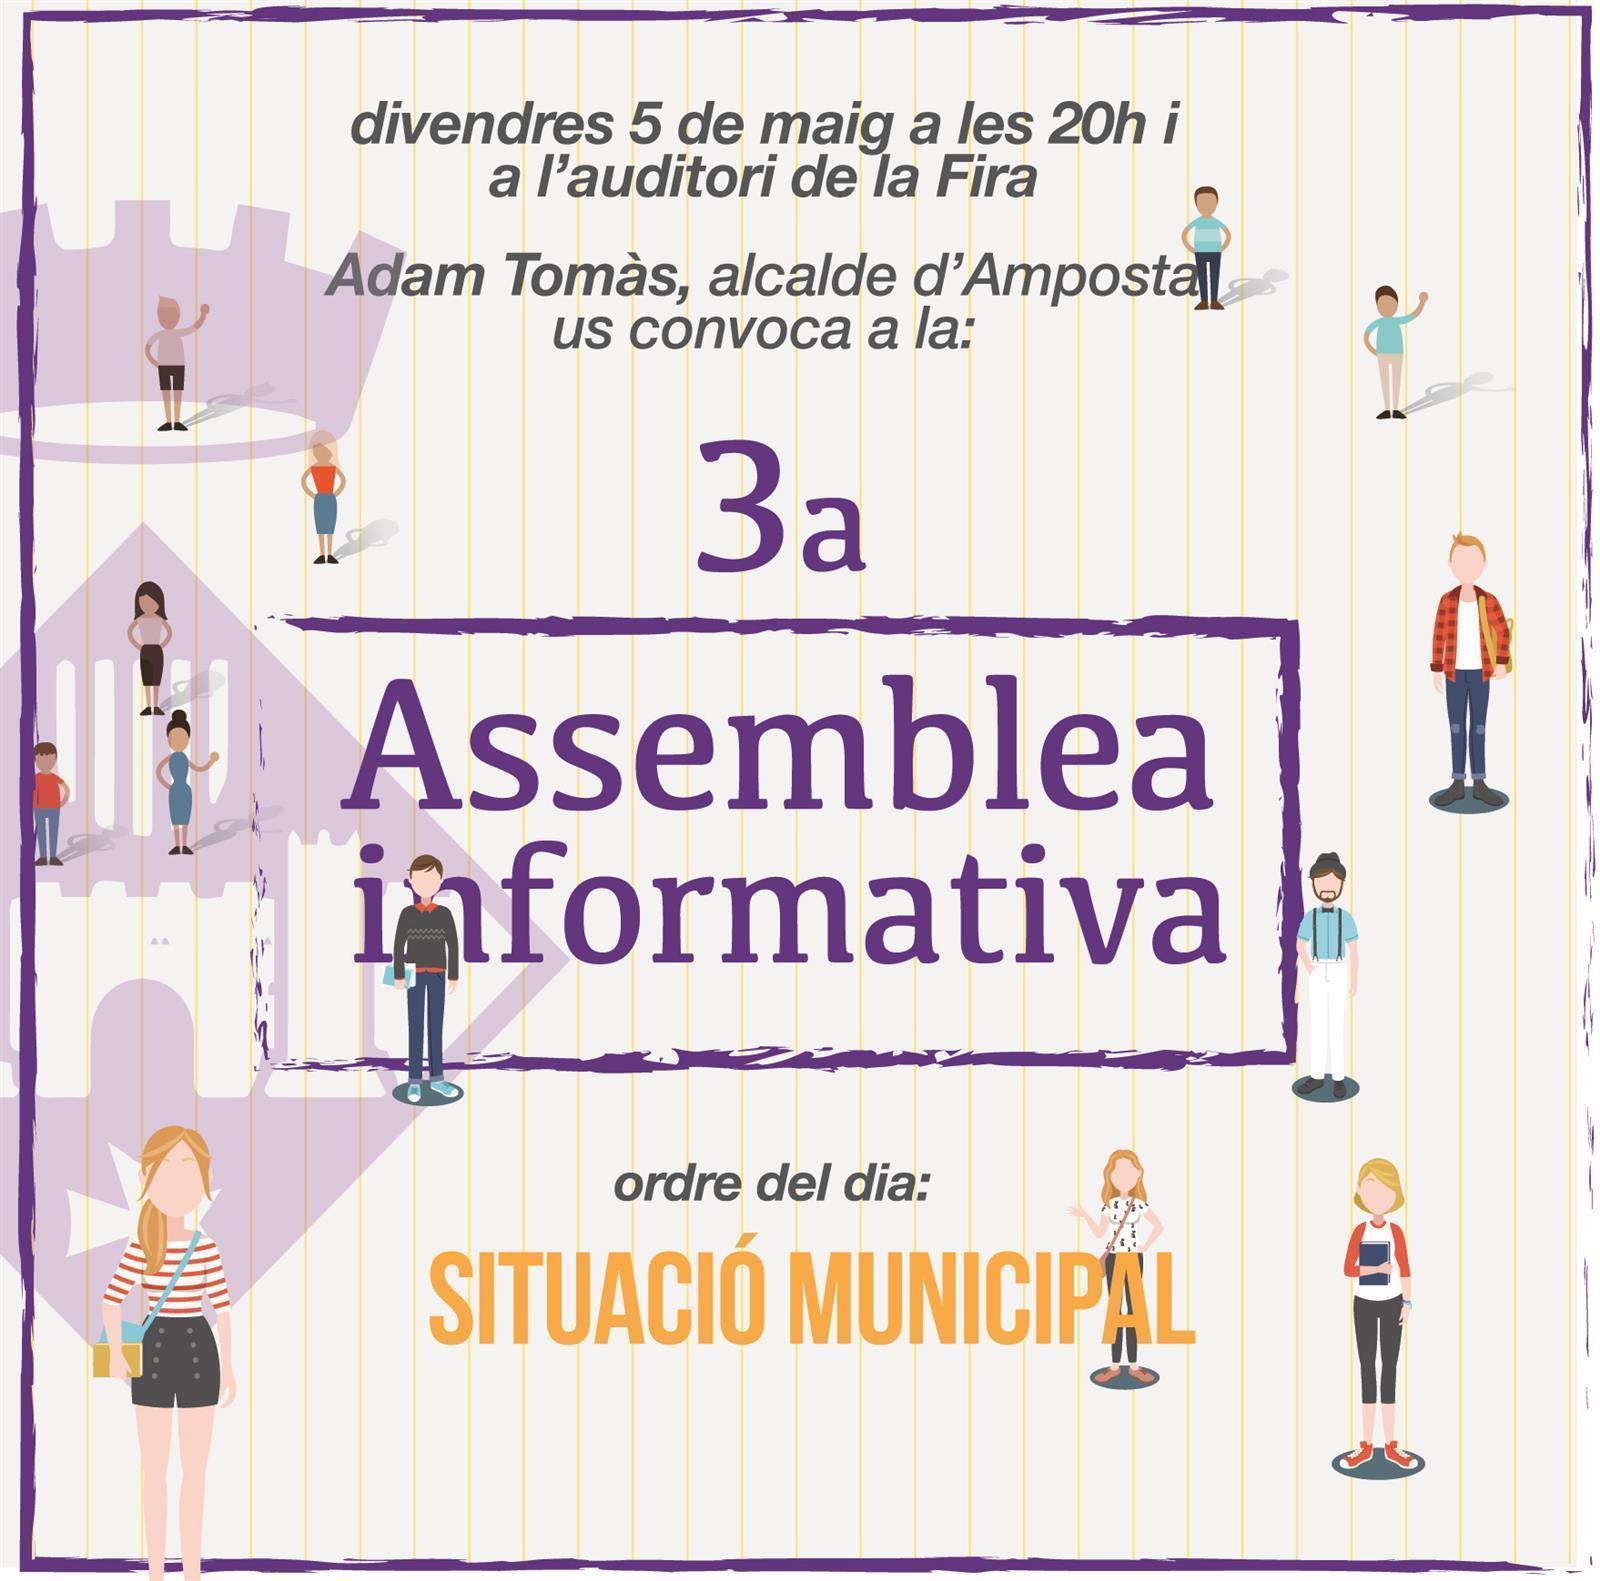 L'Ajuntament d'Amposta organitza la 3a Assemblea Informativa